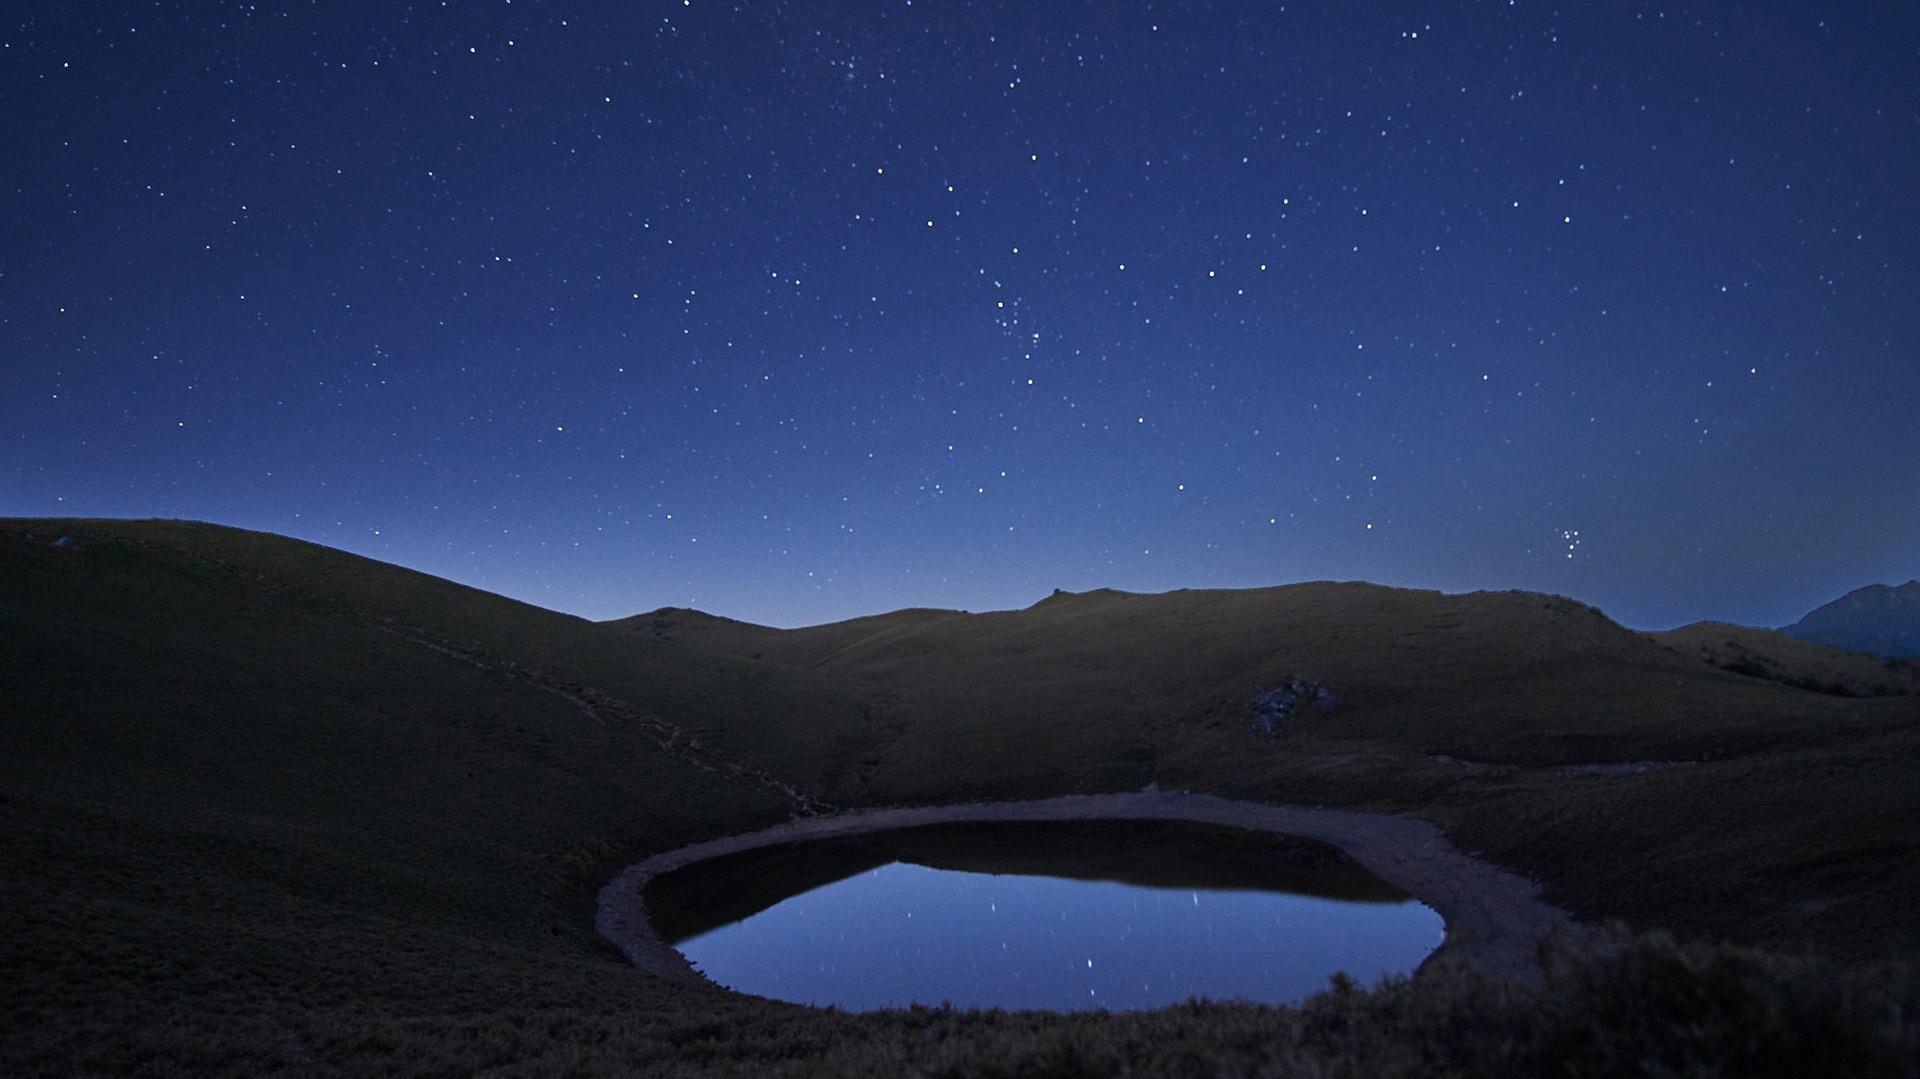 嘉明湖,六、七千年前冰斗湖畔的思考